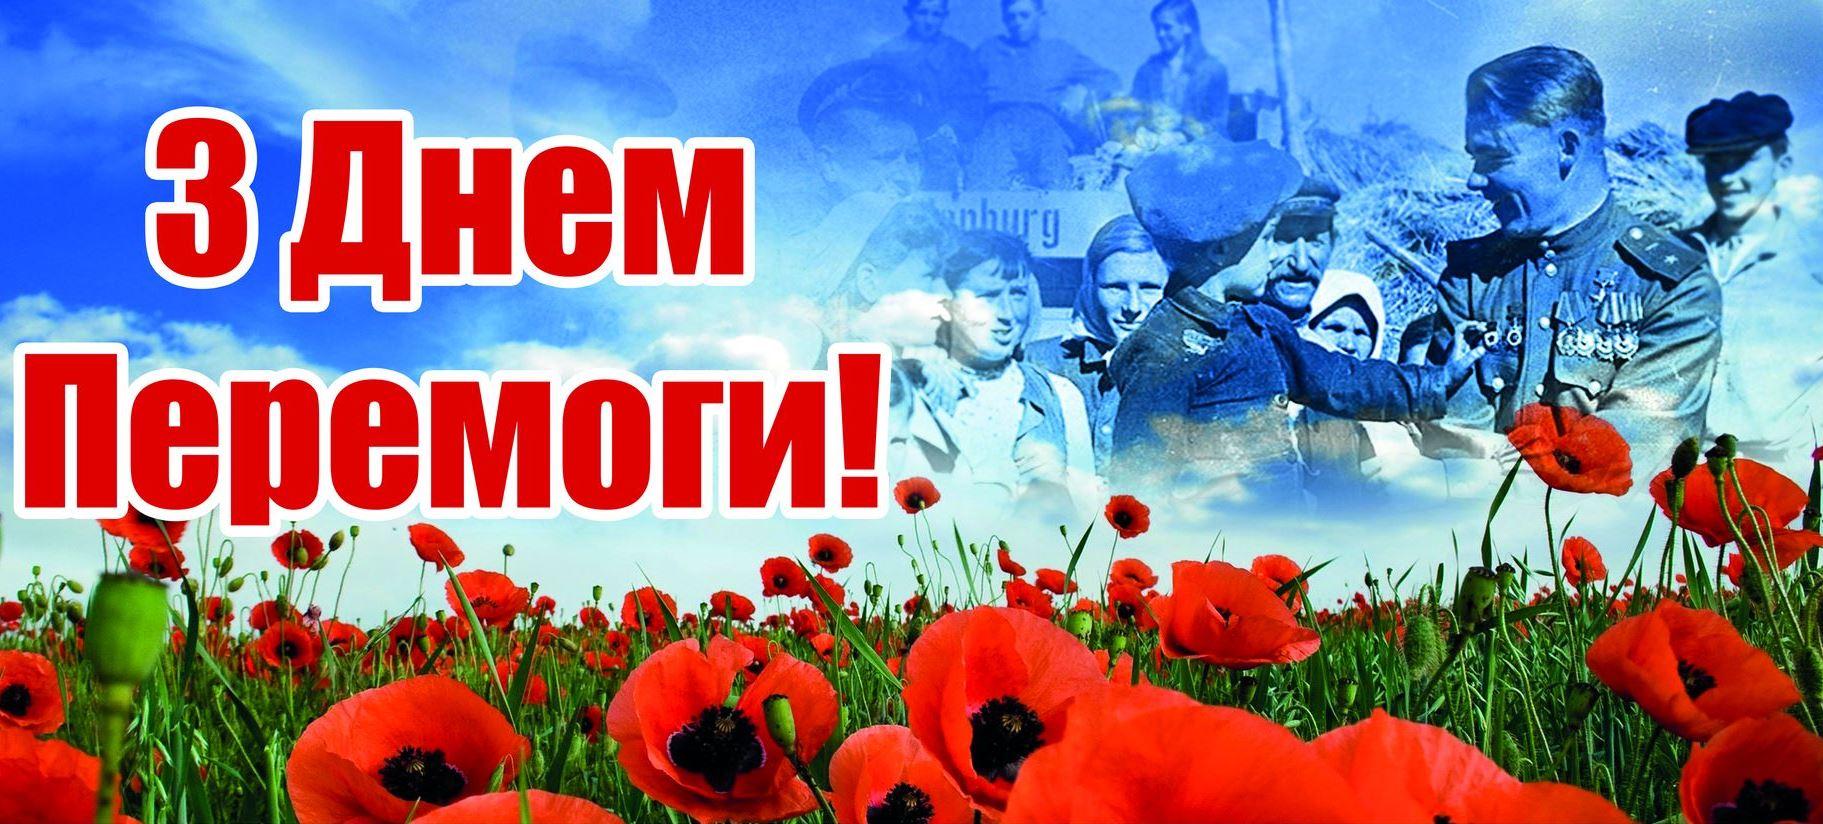 открытки с днем победы украина утра искренне желаю